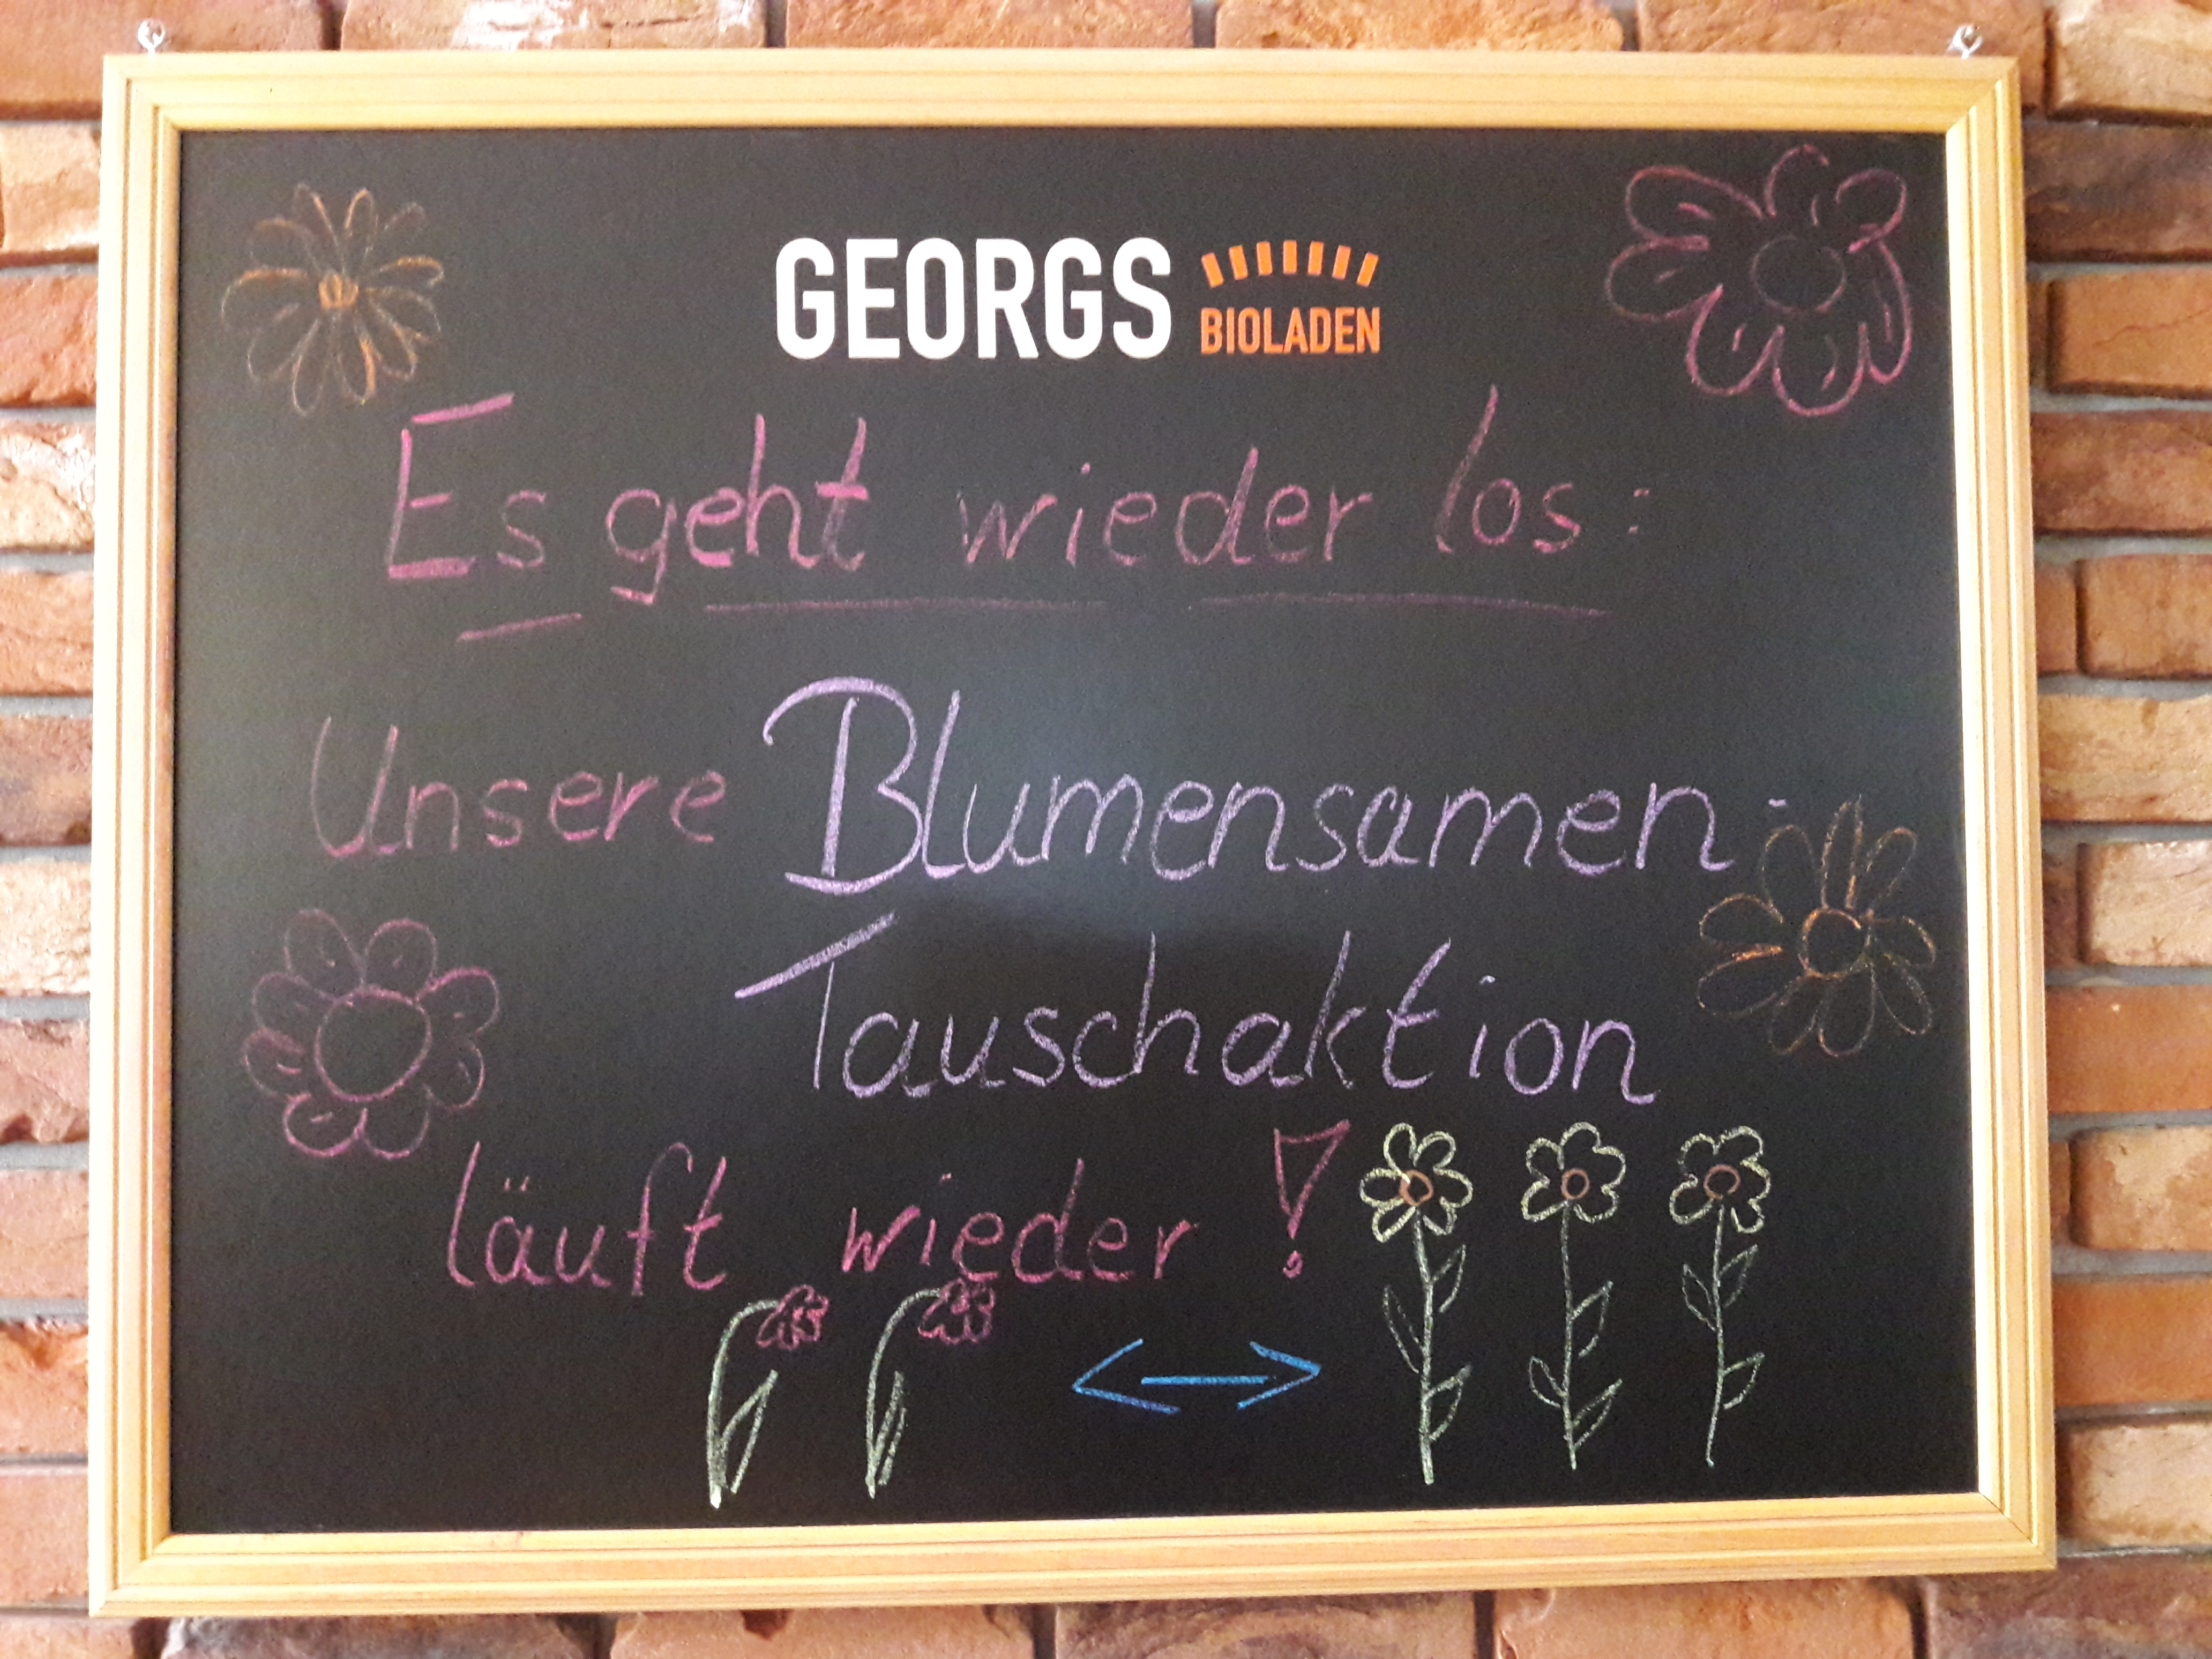 Blumensamentauschaktion: Für mehr Biodiversität!